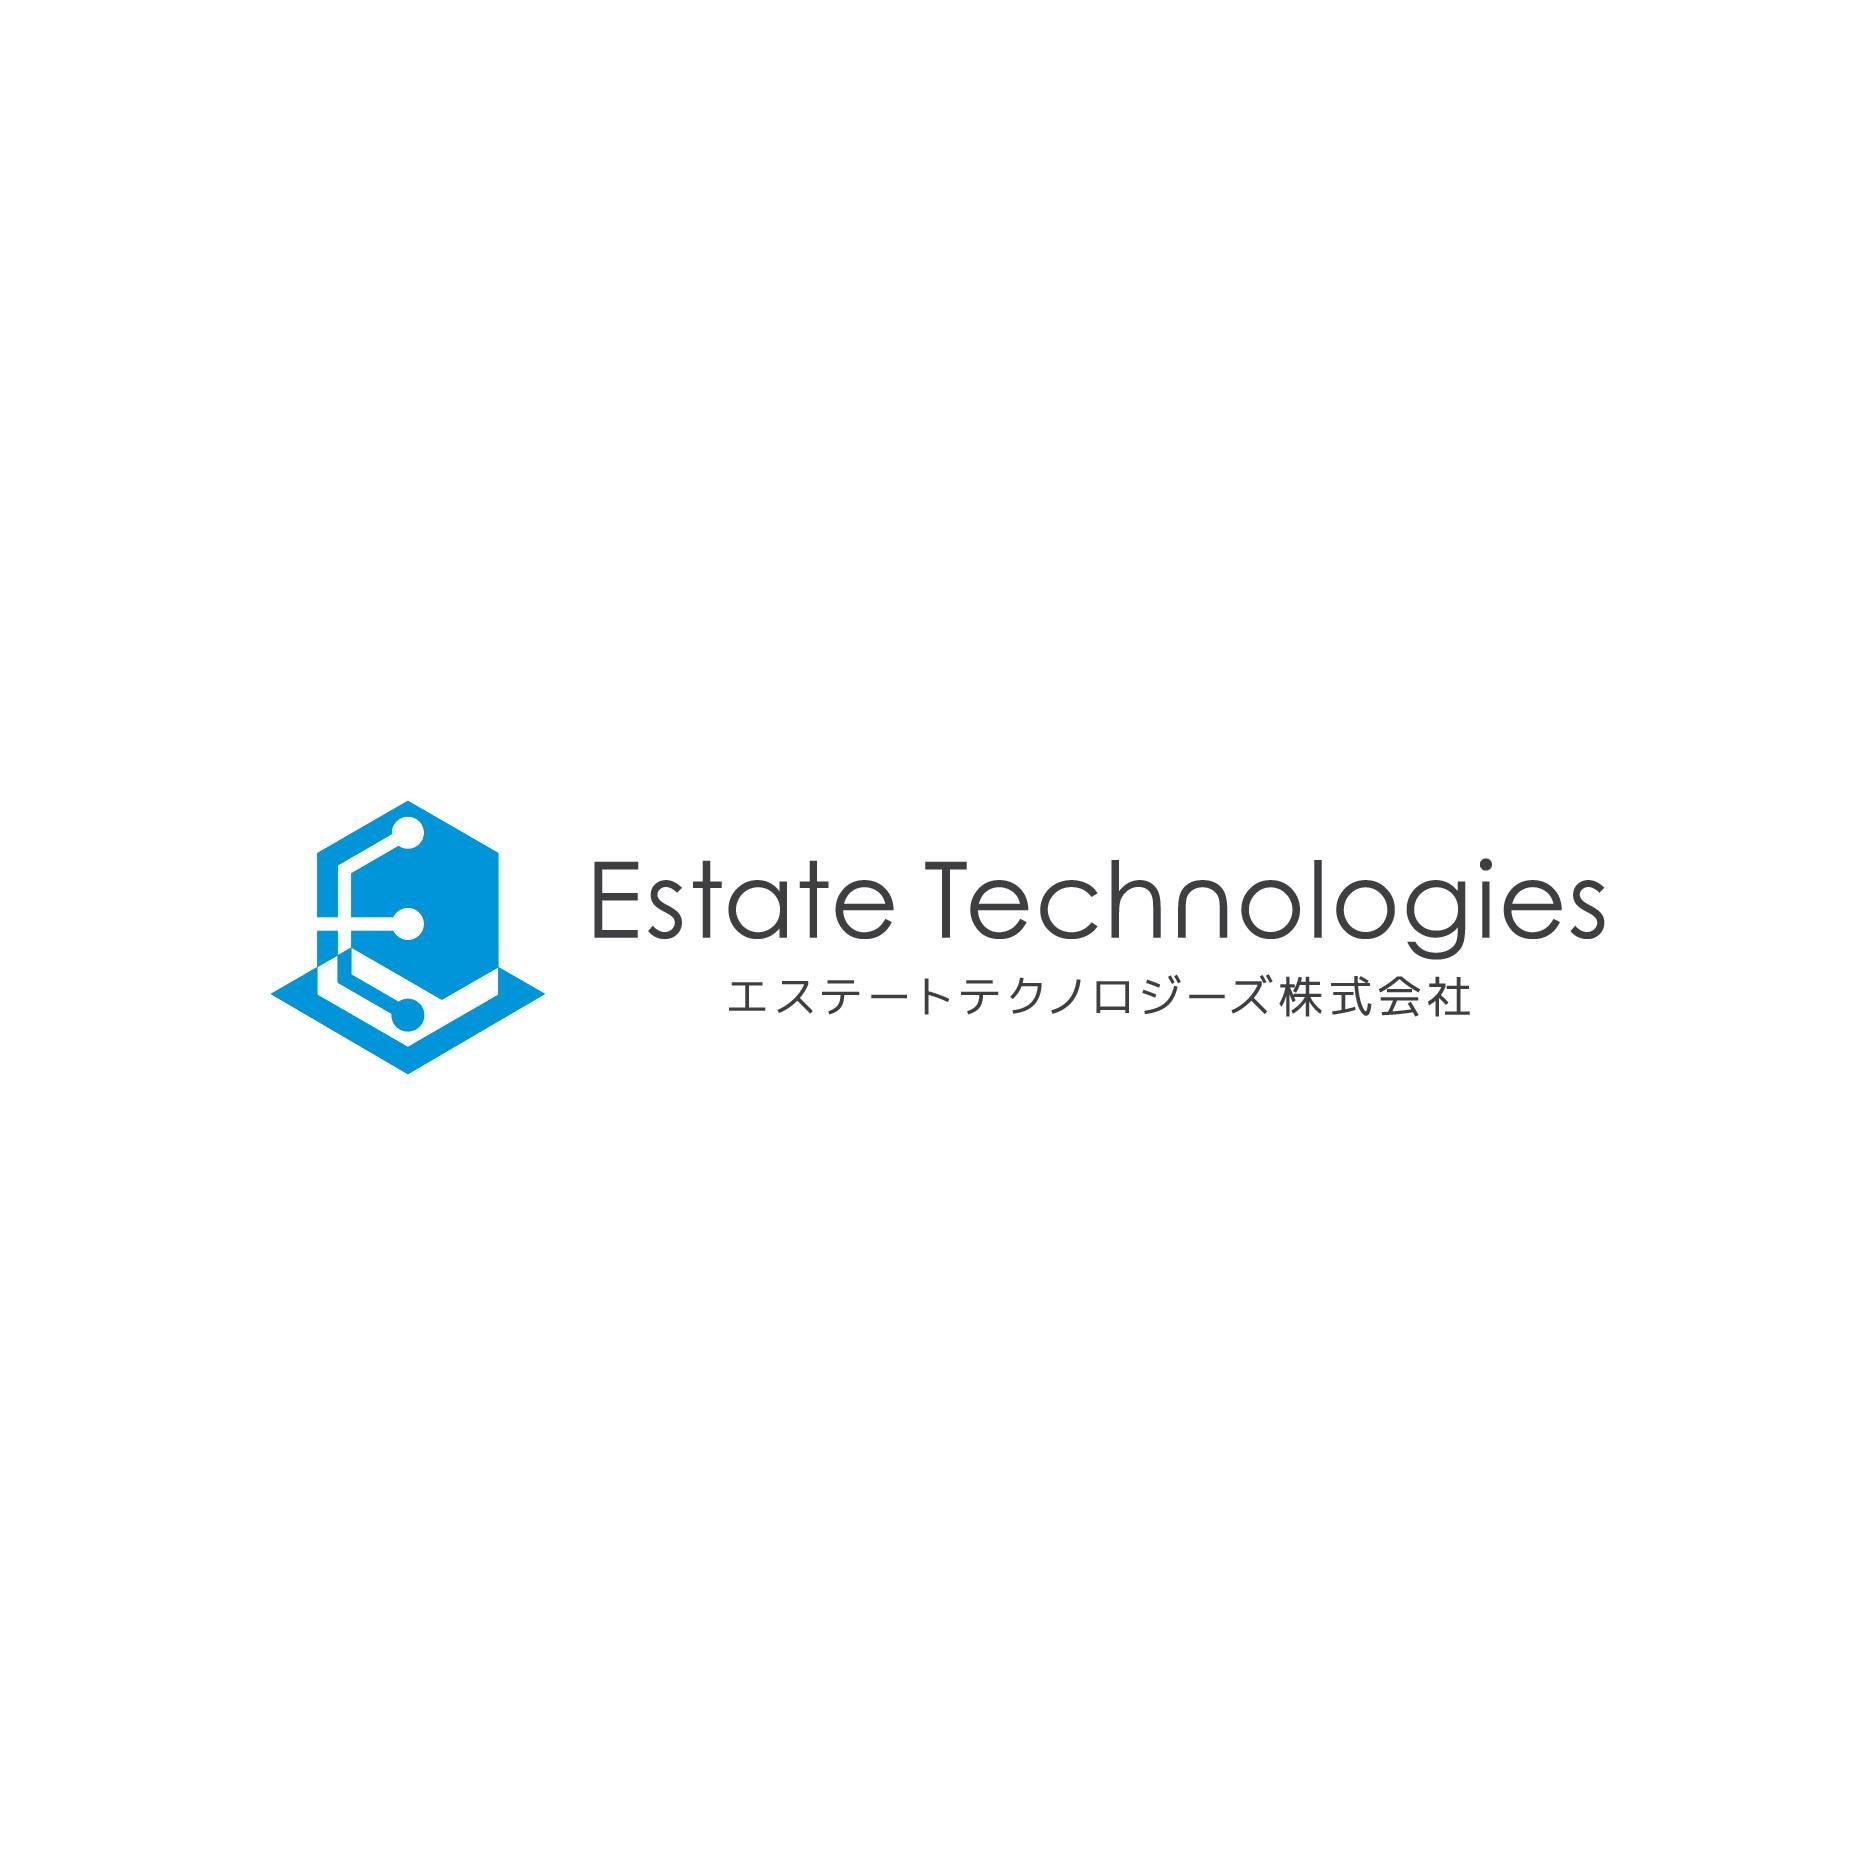 エステートテクノロジーズ株式会社の企業ロゴ